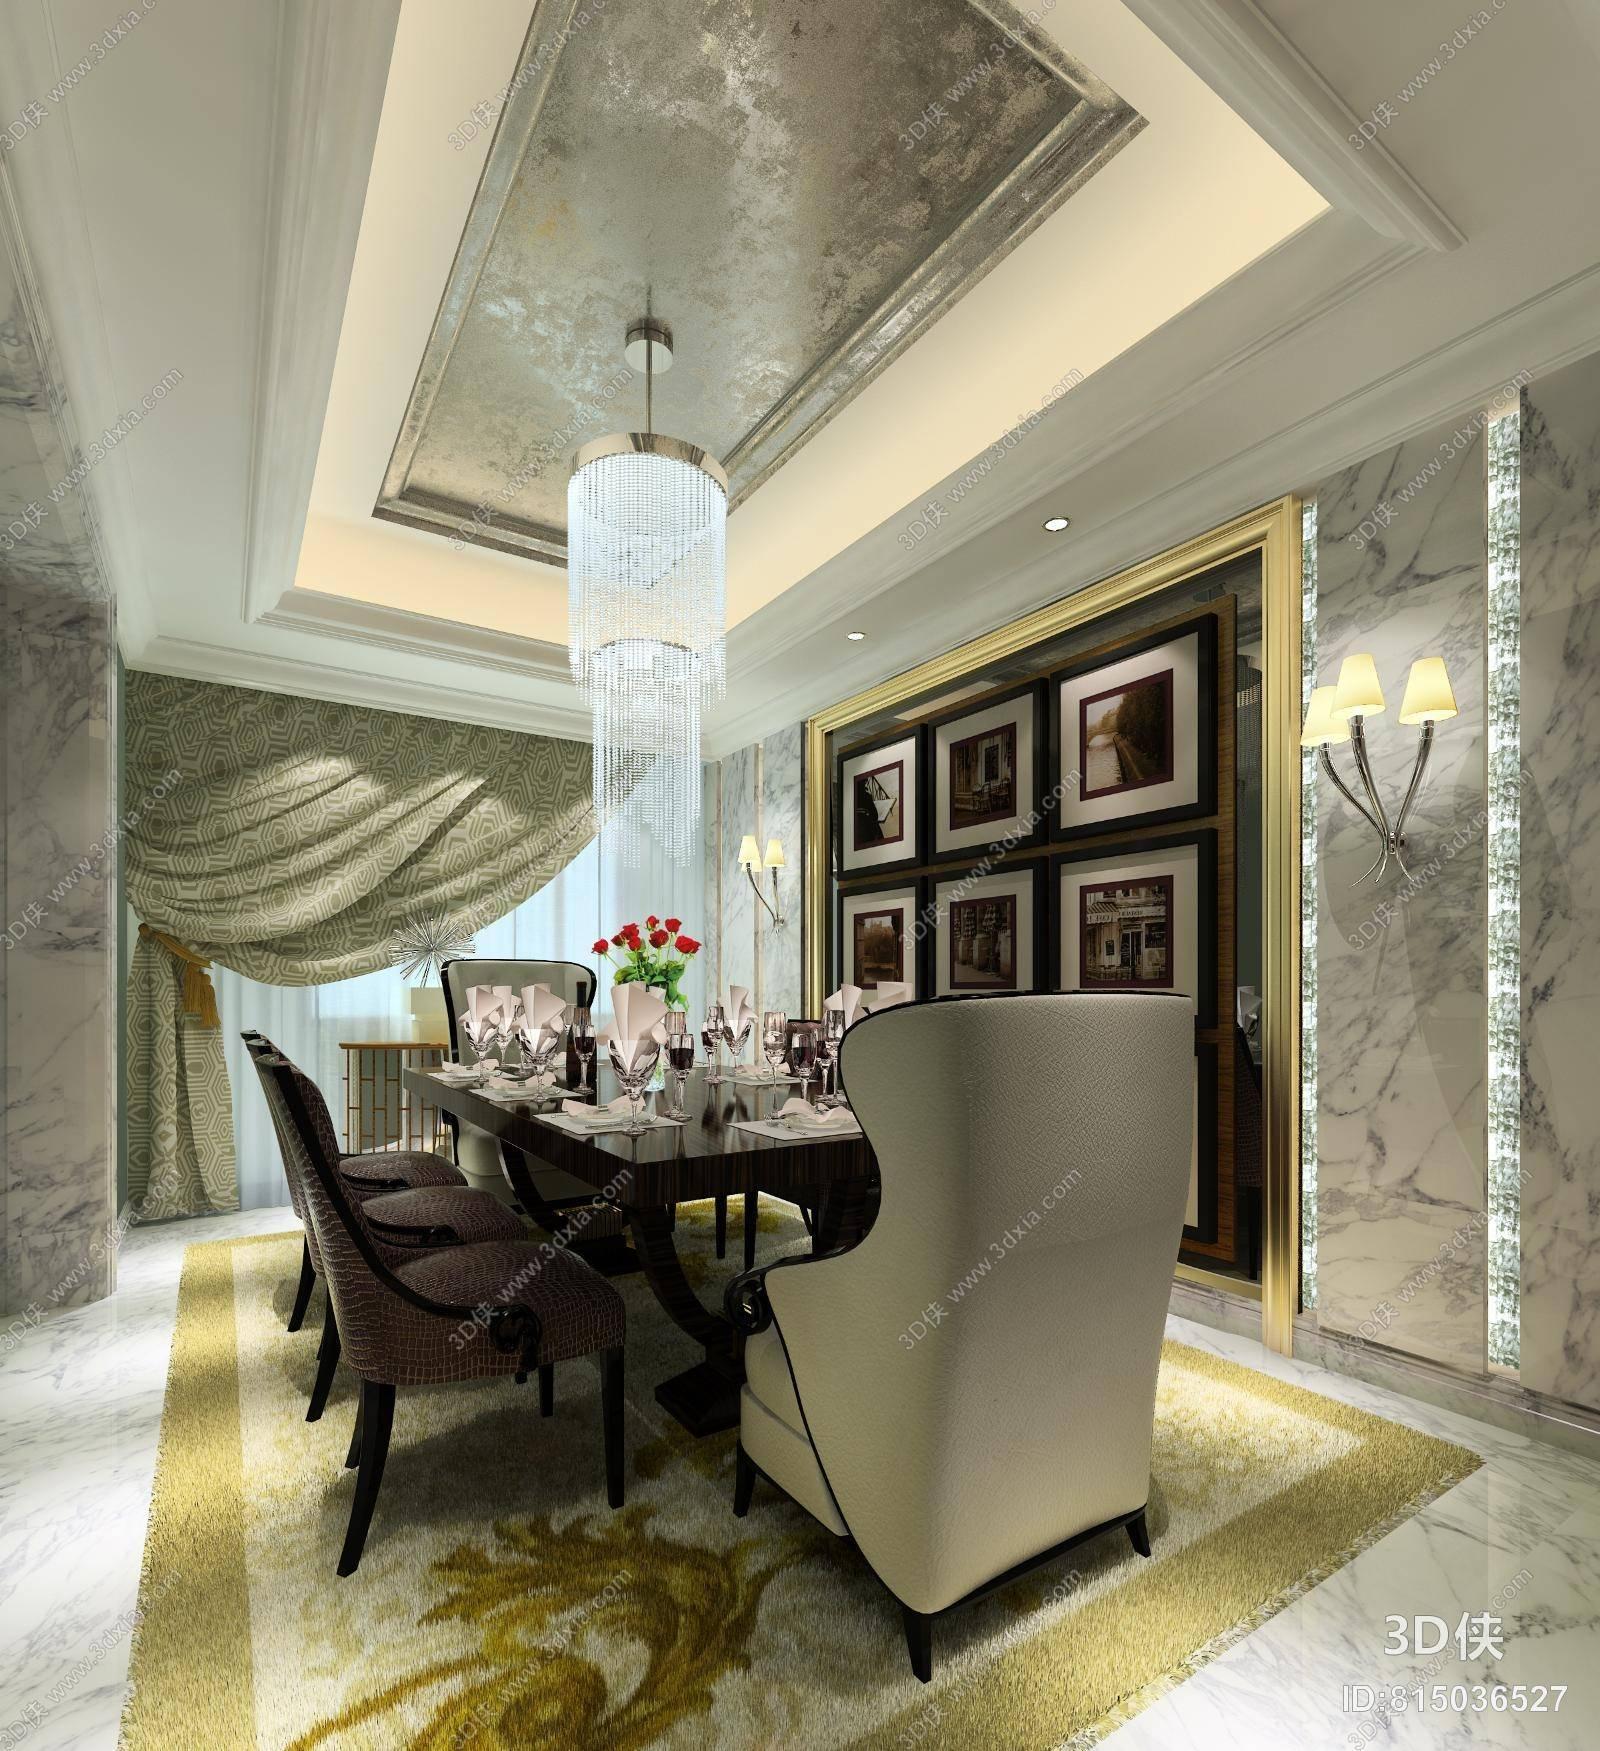 欧式简约家居餐厅 欧式简约白色水晶吊灯 欧式简约餐桌椅组合